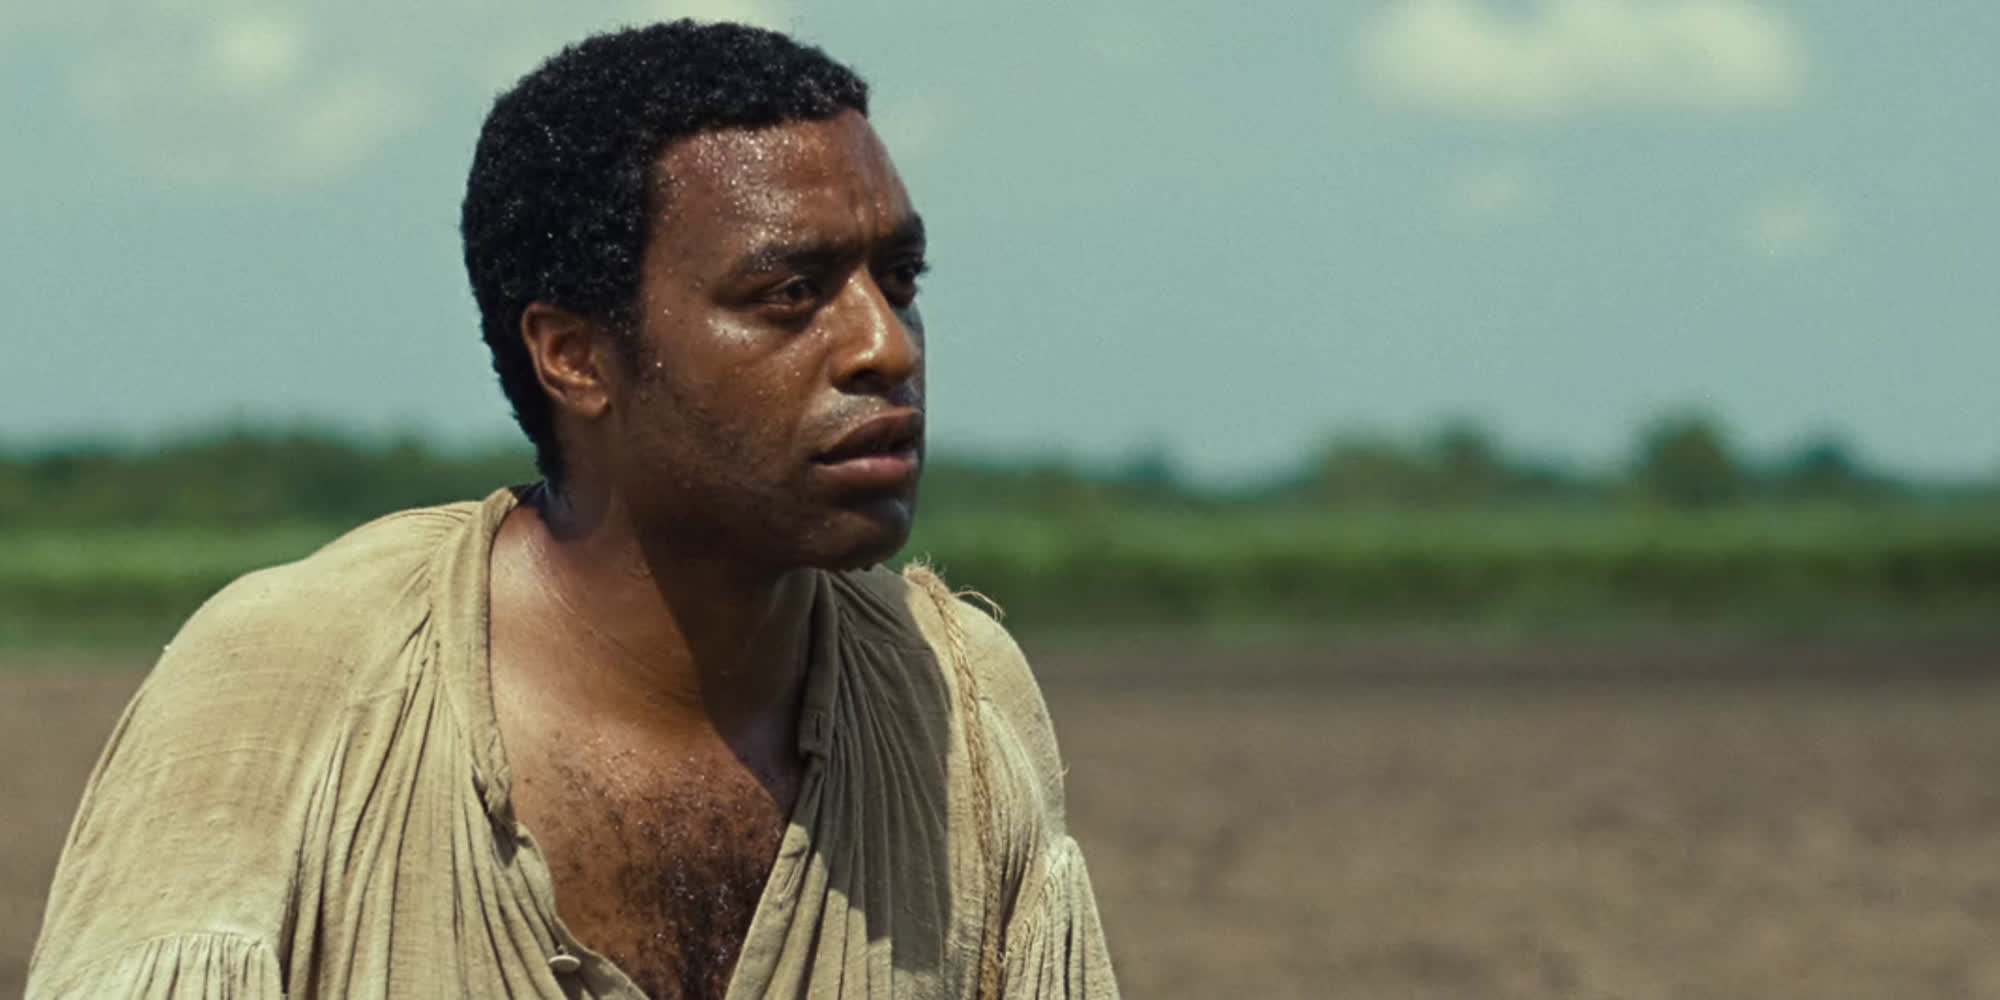 Utsnitt frå det historiske dramaet 12 Years a Slave. Foto.